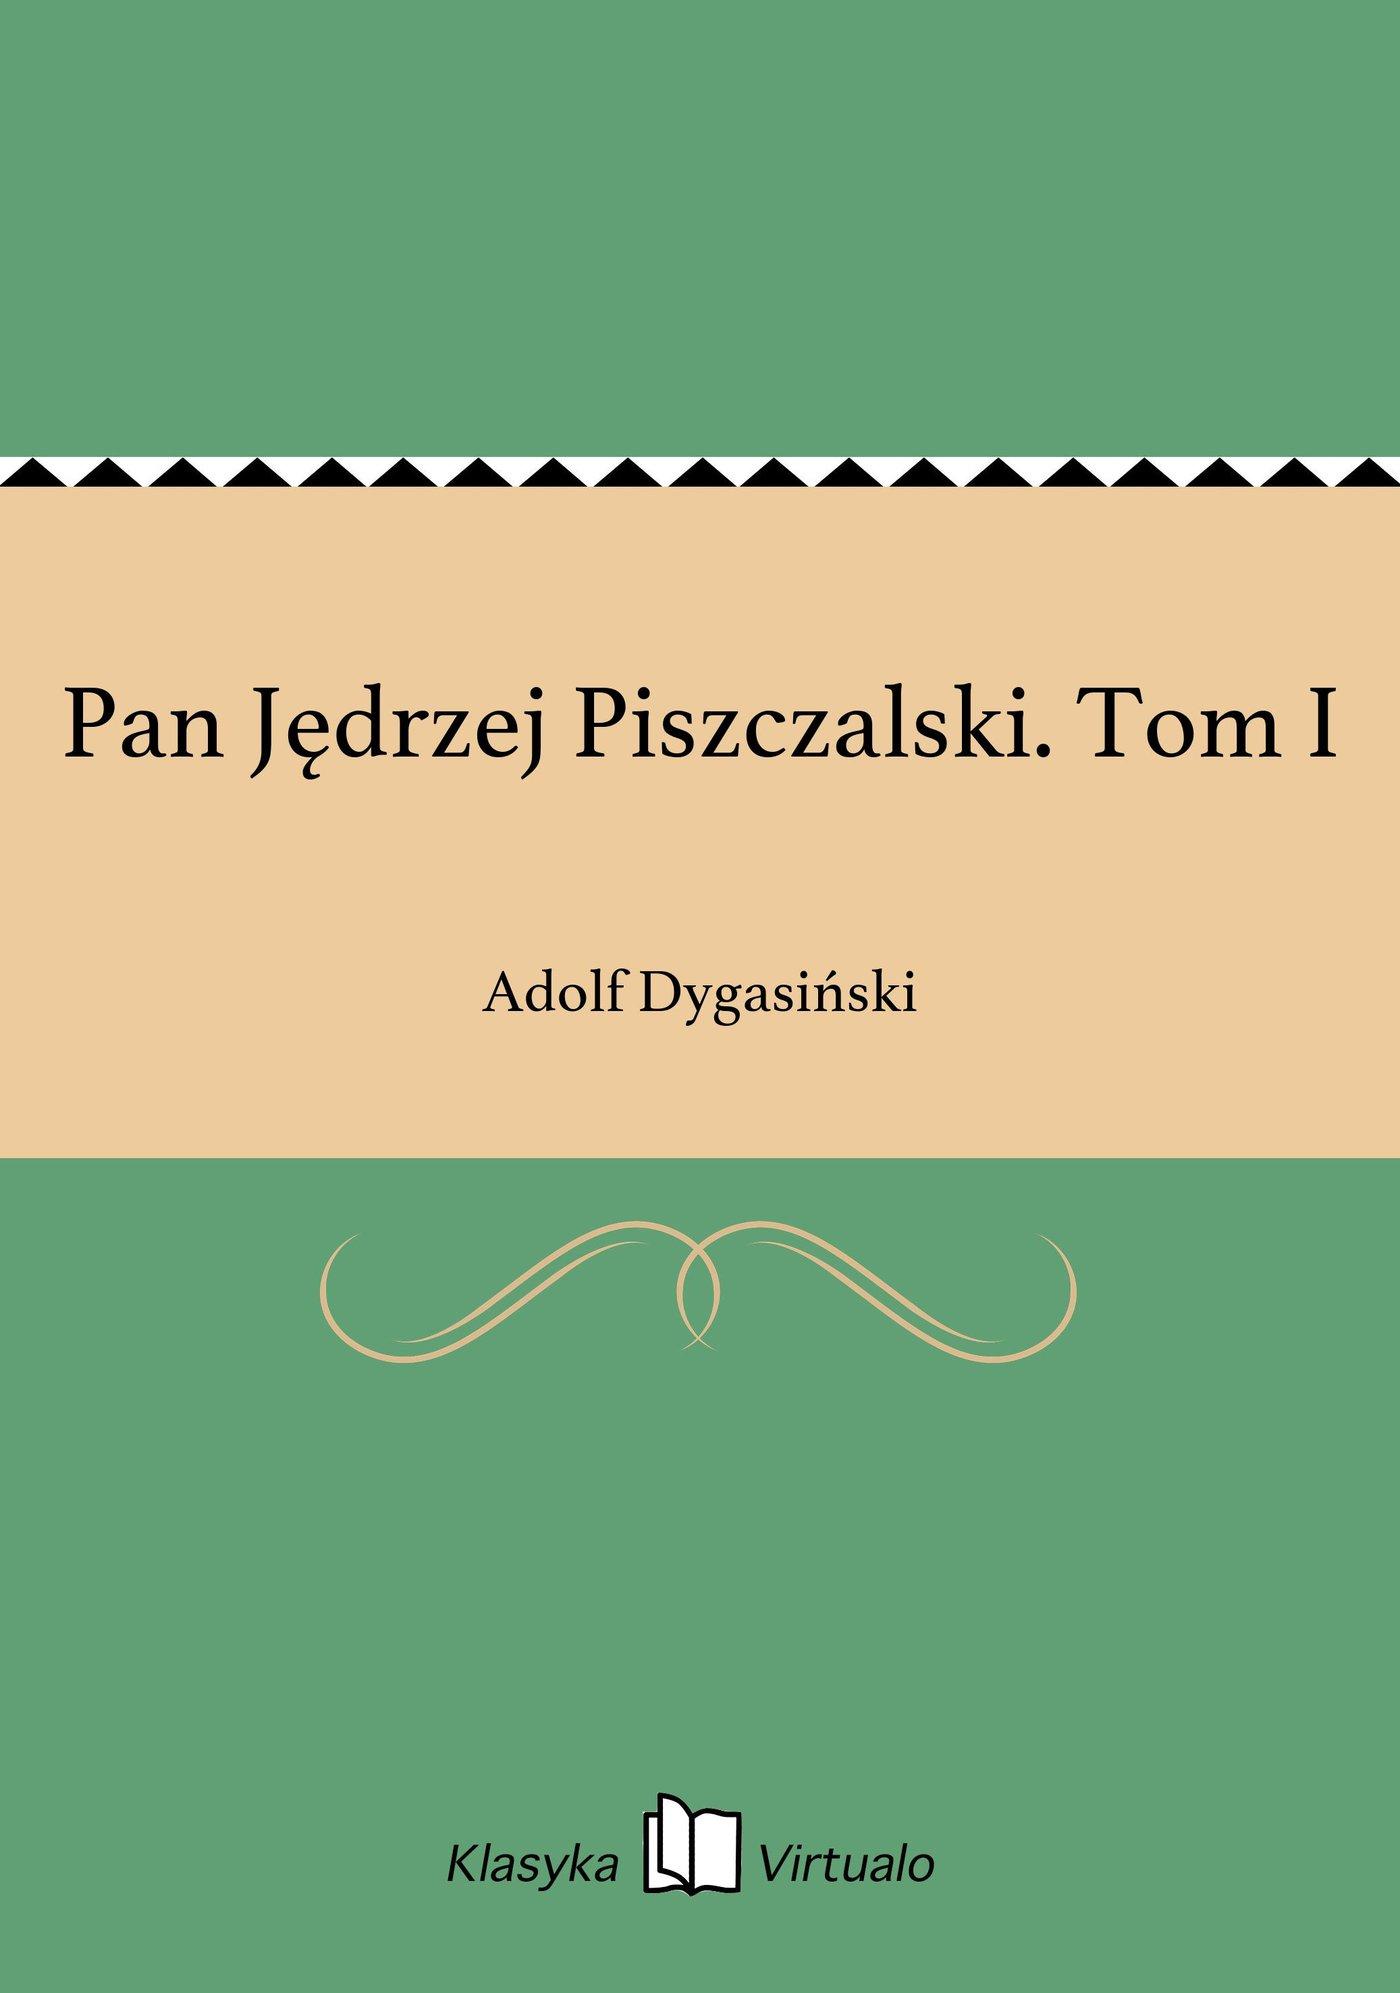 Pan Jędrzej Piszczalski. Tom I - Ebook (Książka EPUB) do pobrania w formacie EPUB